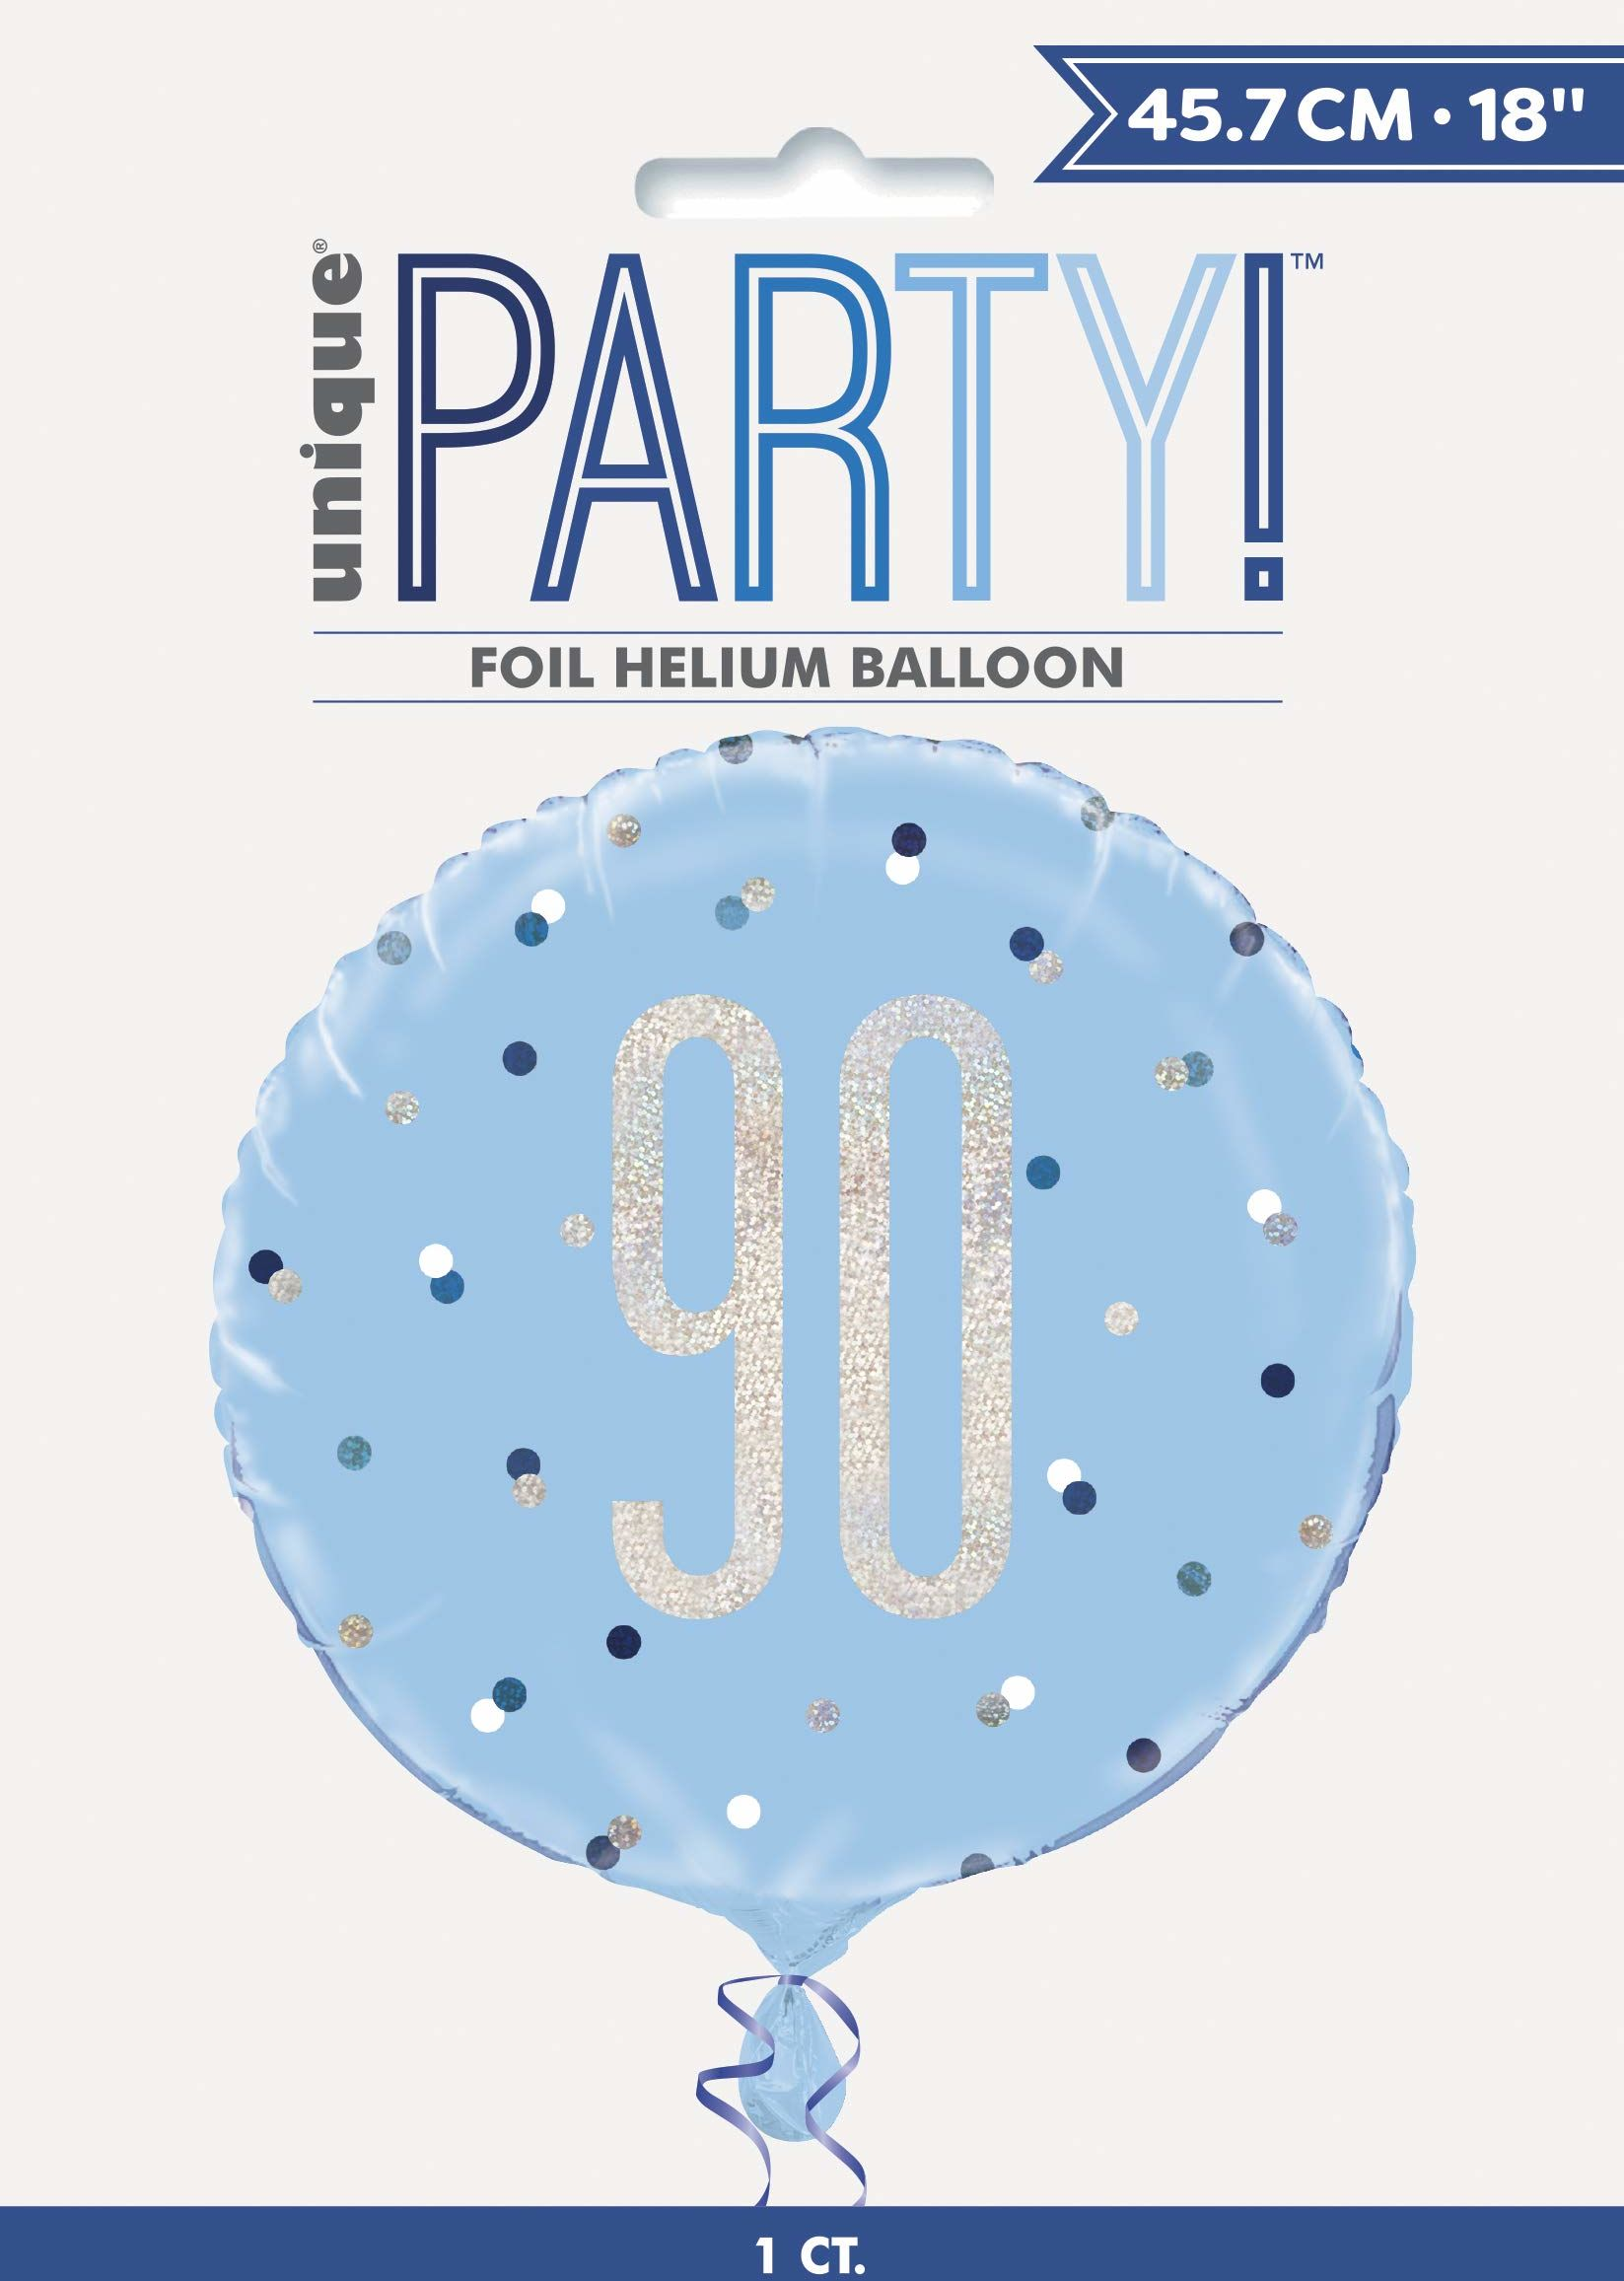 Unique Party 83364 83364-45 cm foliowy brokatowy niebieski i srebrny balon na 90. urodziny, niebieski, wiek 90 lat